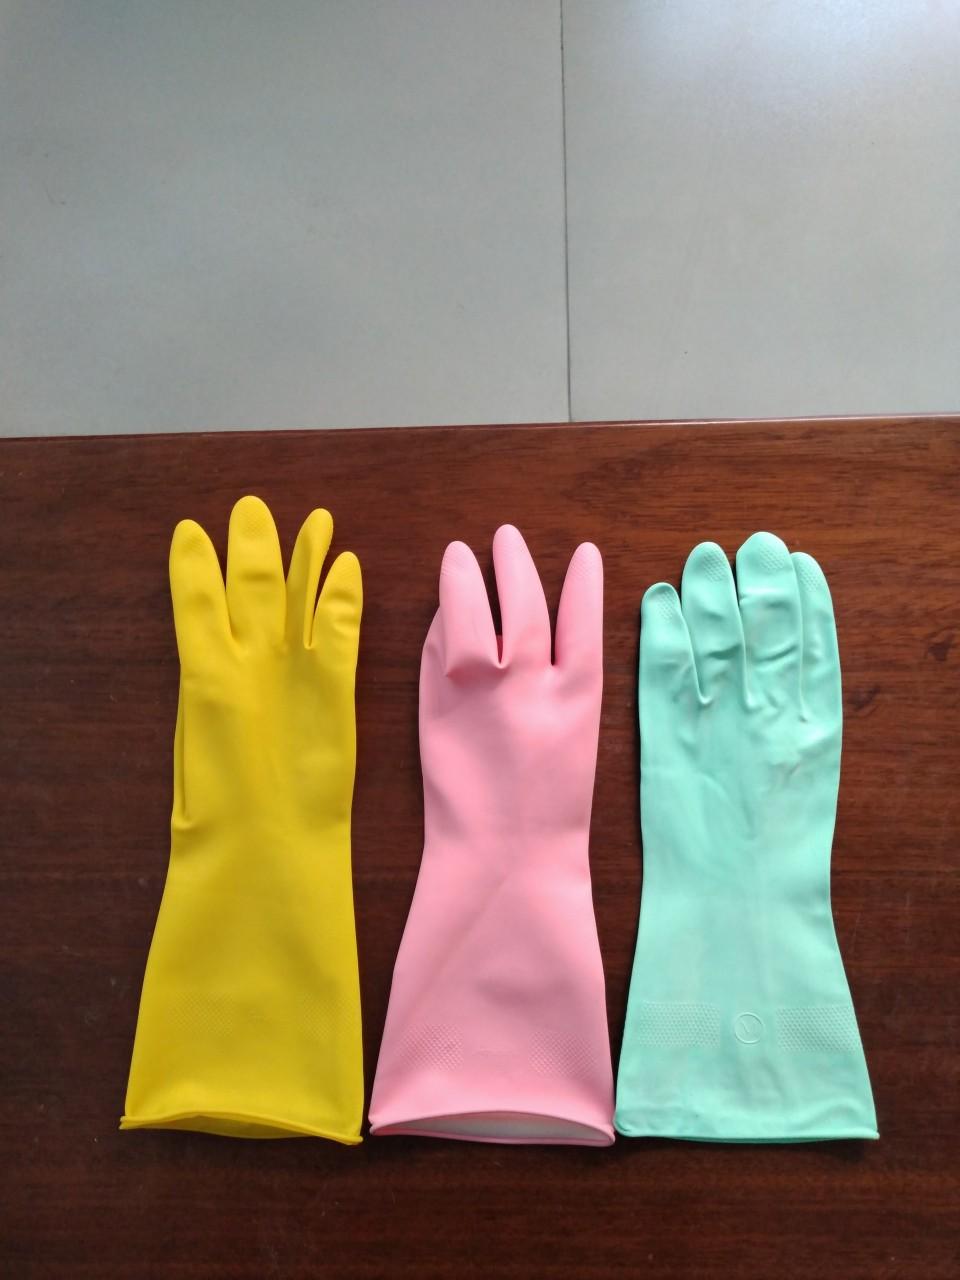 Găng tay cao su chế biến thực phẩm, công nghiệp, gia dụng